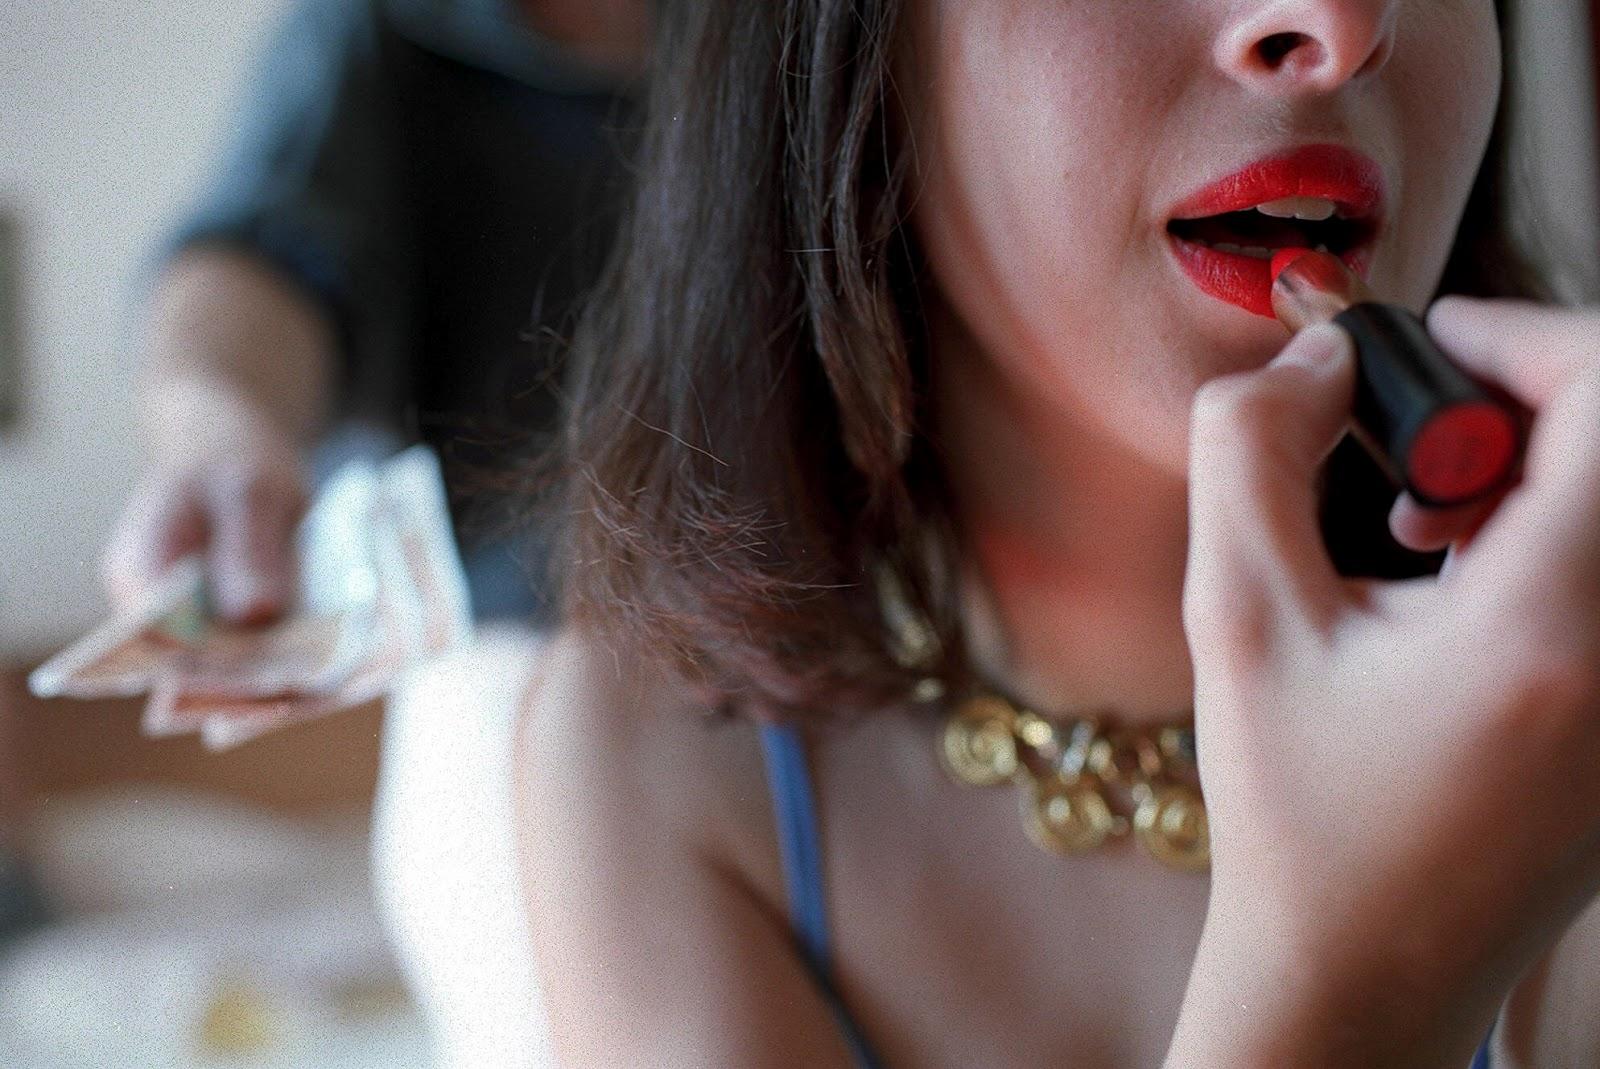 bordel københavn istedgade prostituerede priser